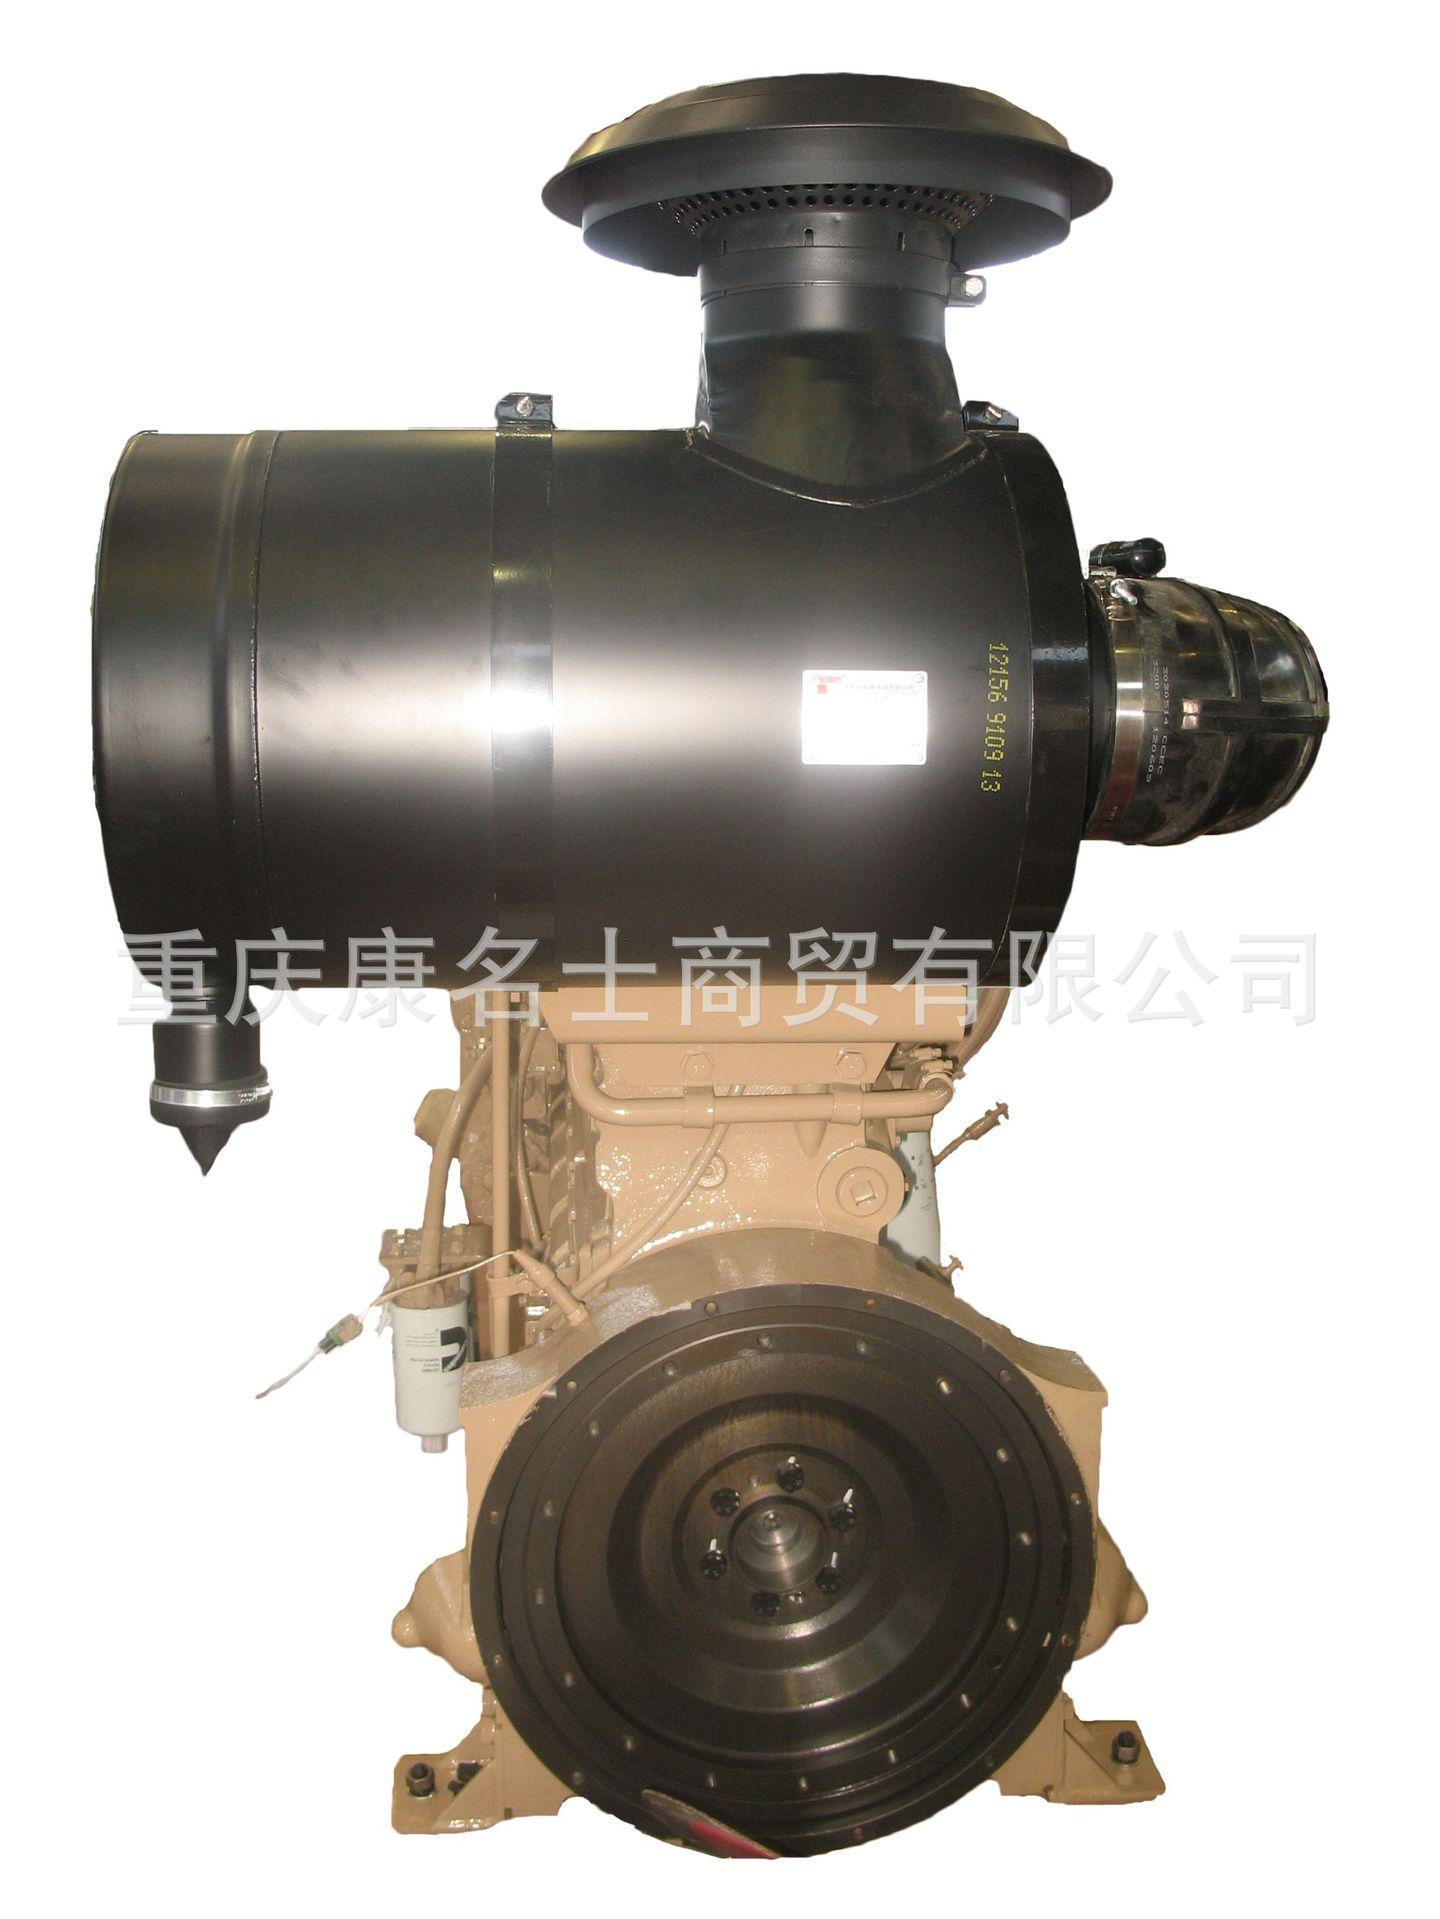 5332119康明斯进气加热器QSB6.7发动机配件厂价优惠